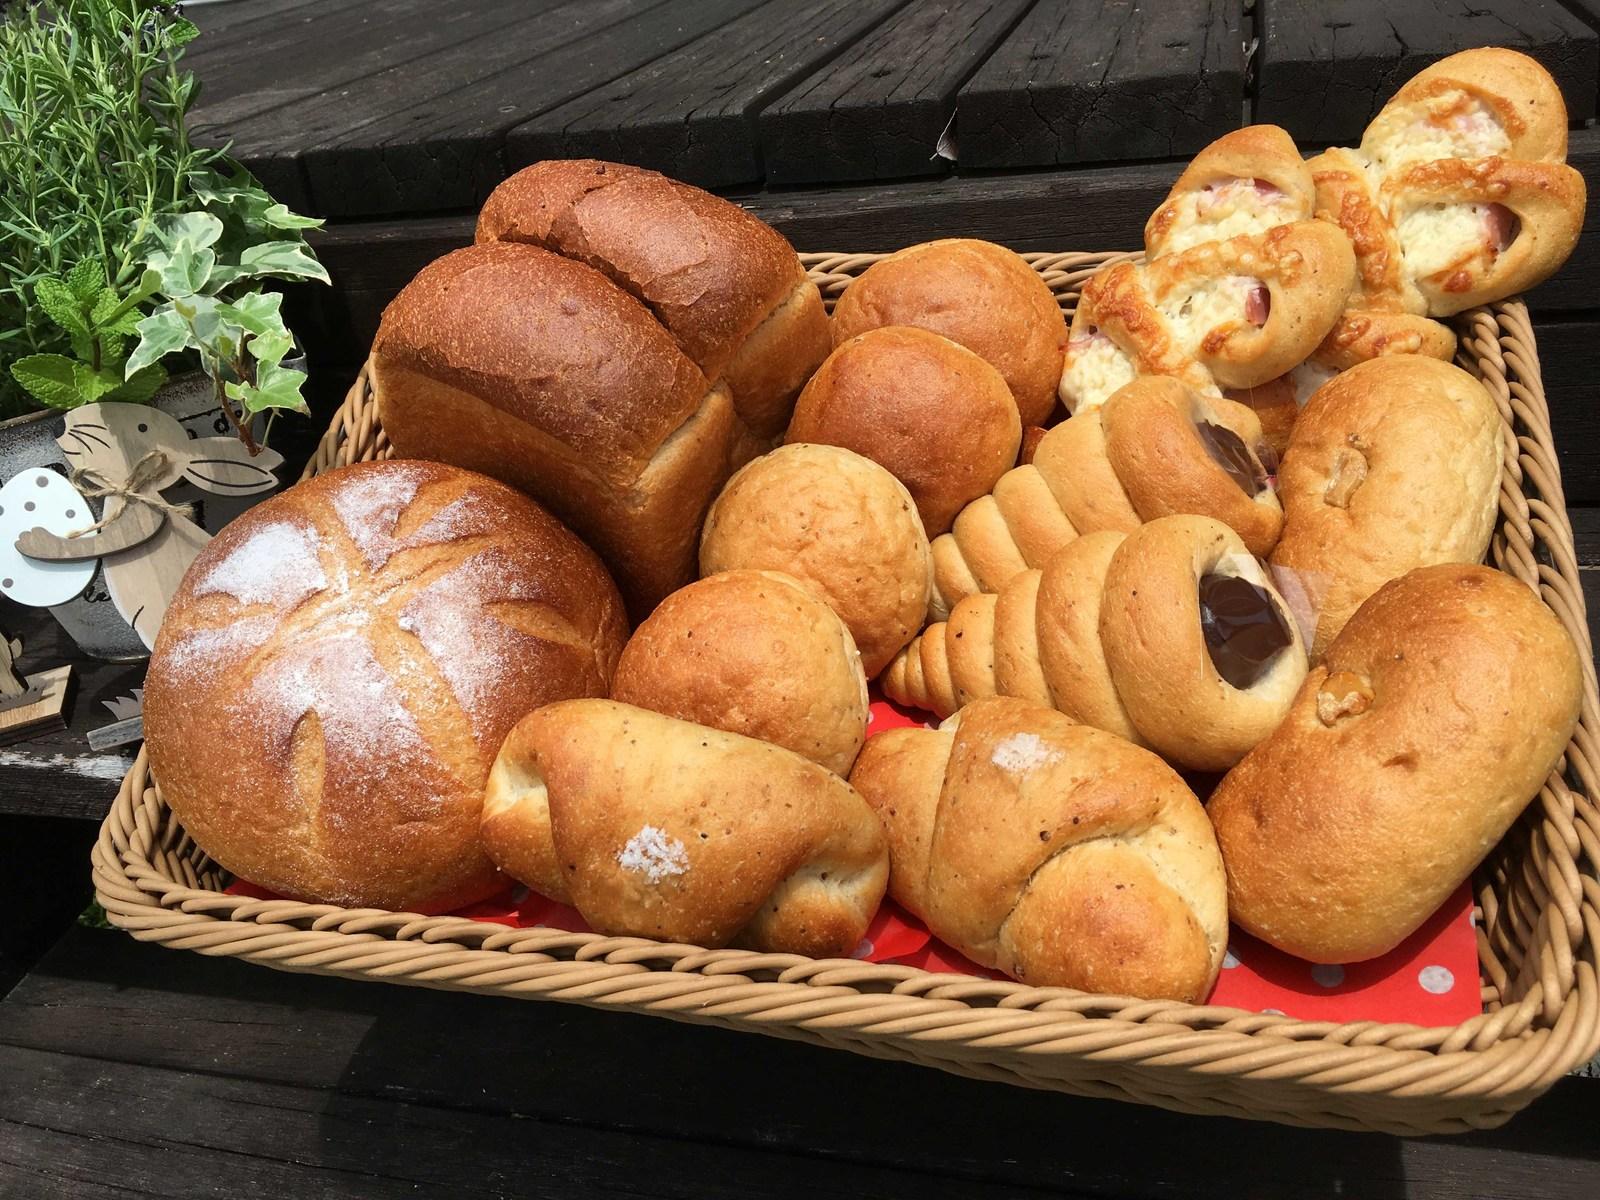 【60代男性】父の日に!パン好きの父においしいギフトを教えて!【予算3000円】